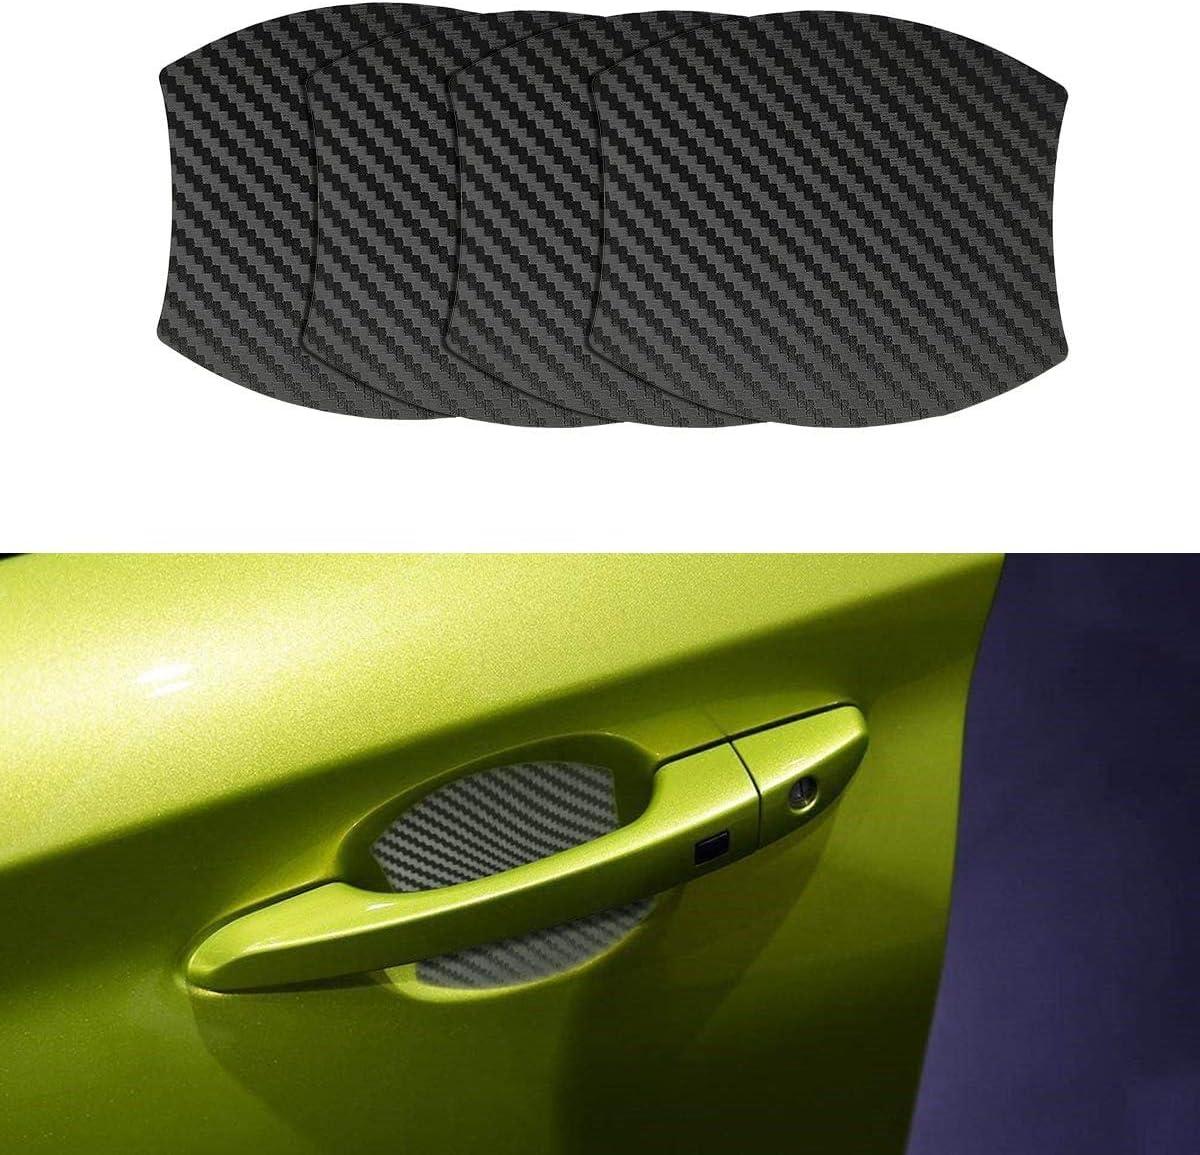 Mling Magnetisch Türgriffmulde Schutz Kratzfest Türgriffmulde Lackschutz 4 Stück Kompatibel Für Kona Auto